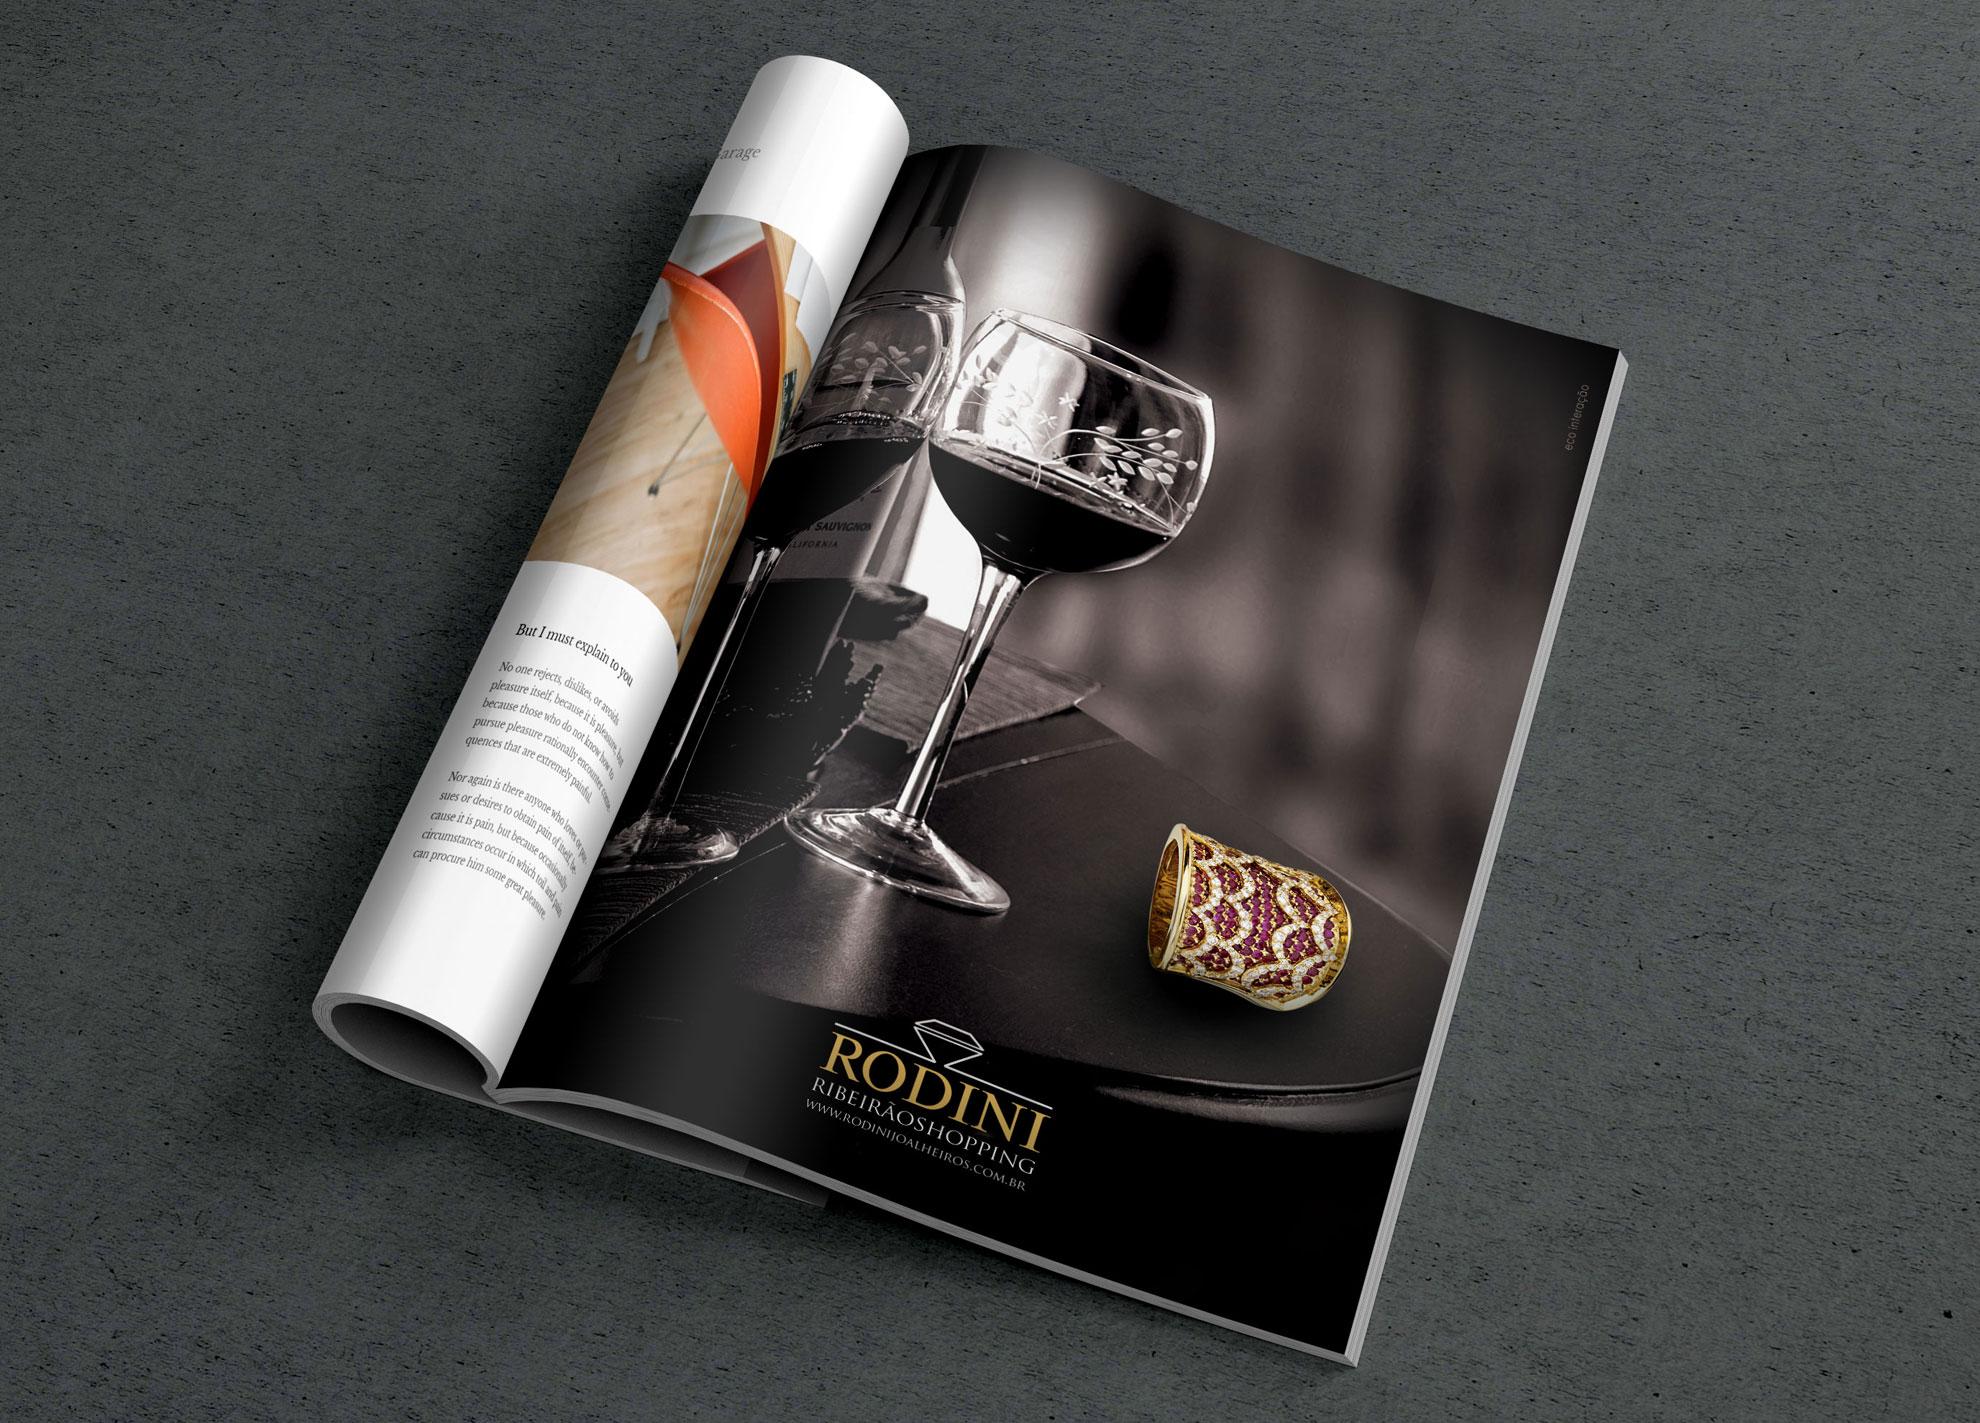 anuncio-rodini-joalheiros-revista-vinho